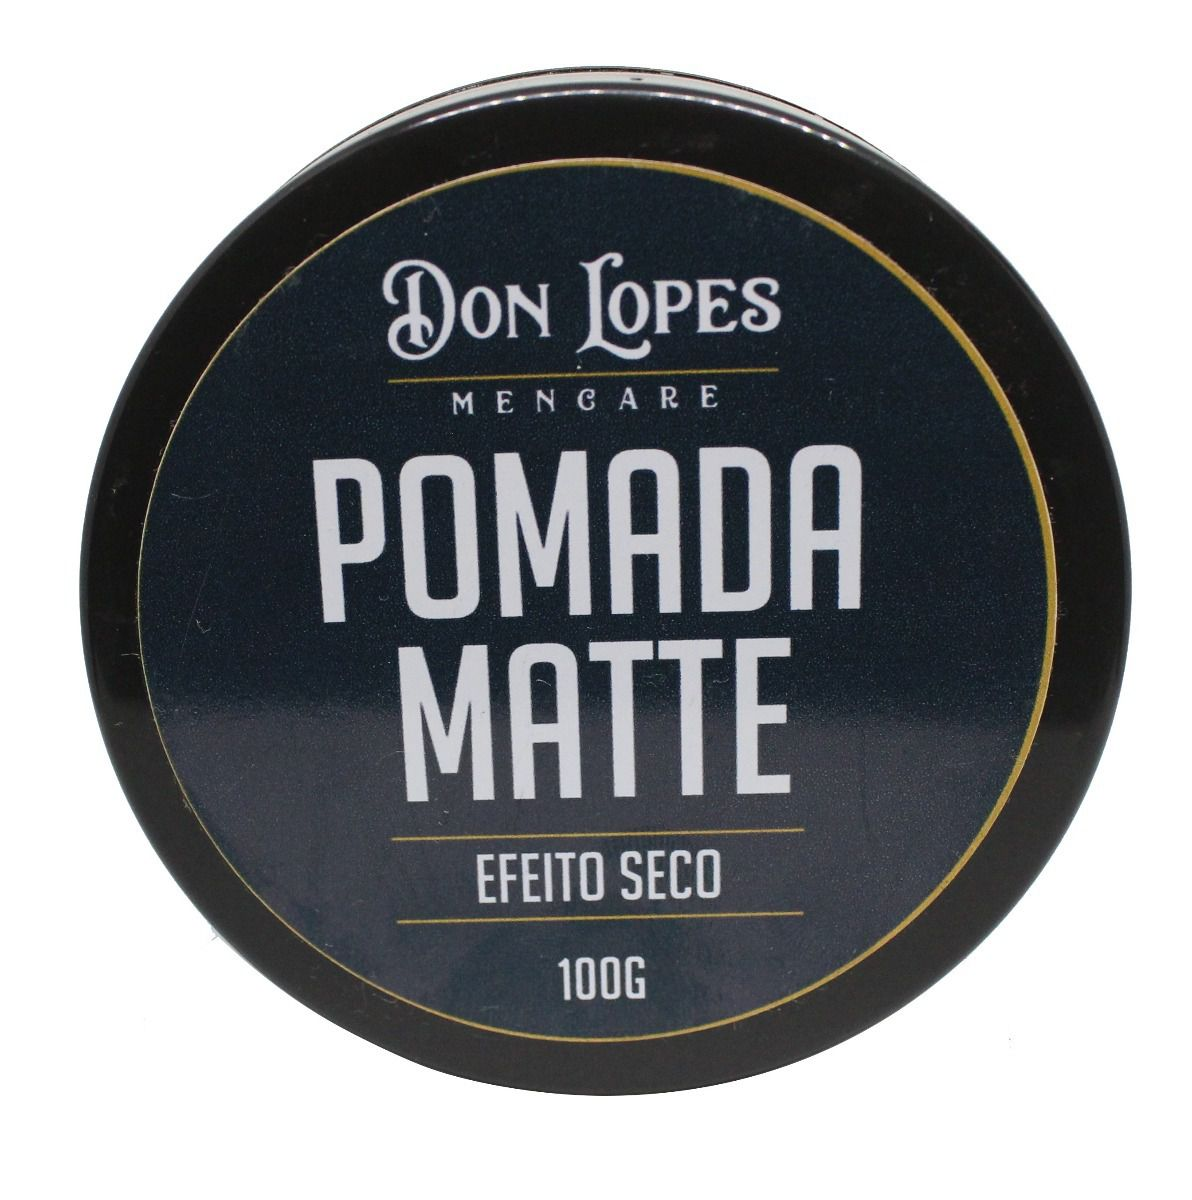 Pomada Matte Efeito Seco Don Lopes